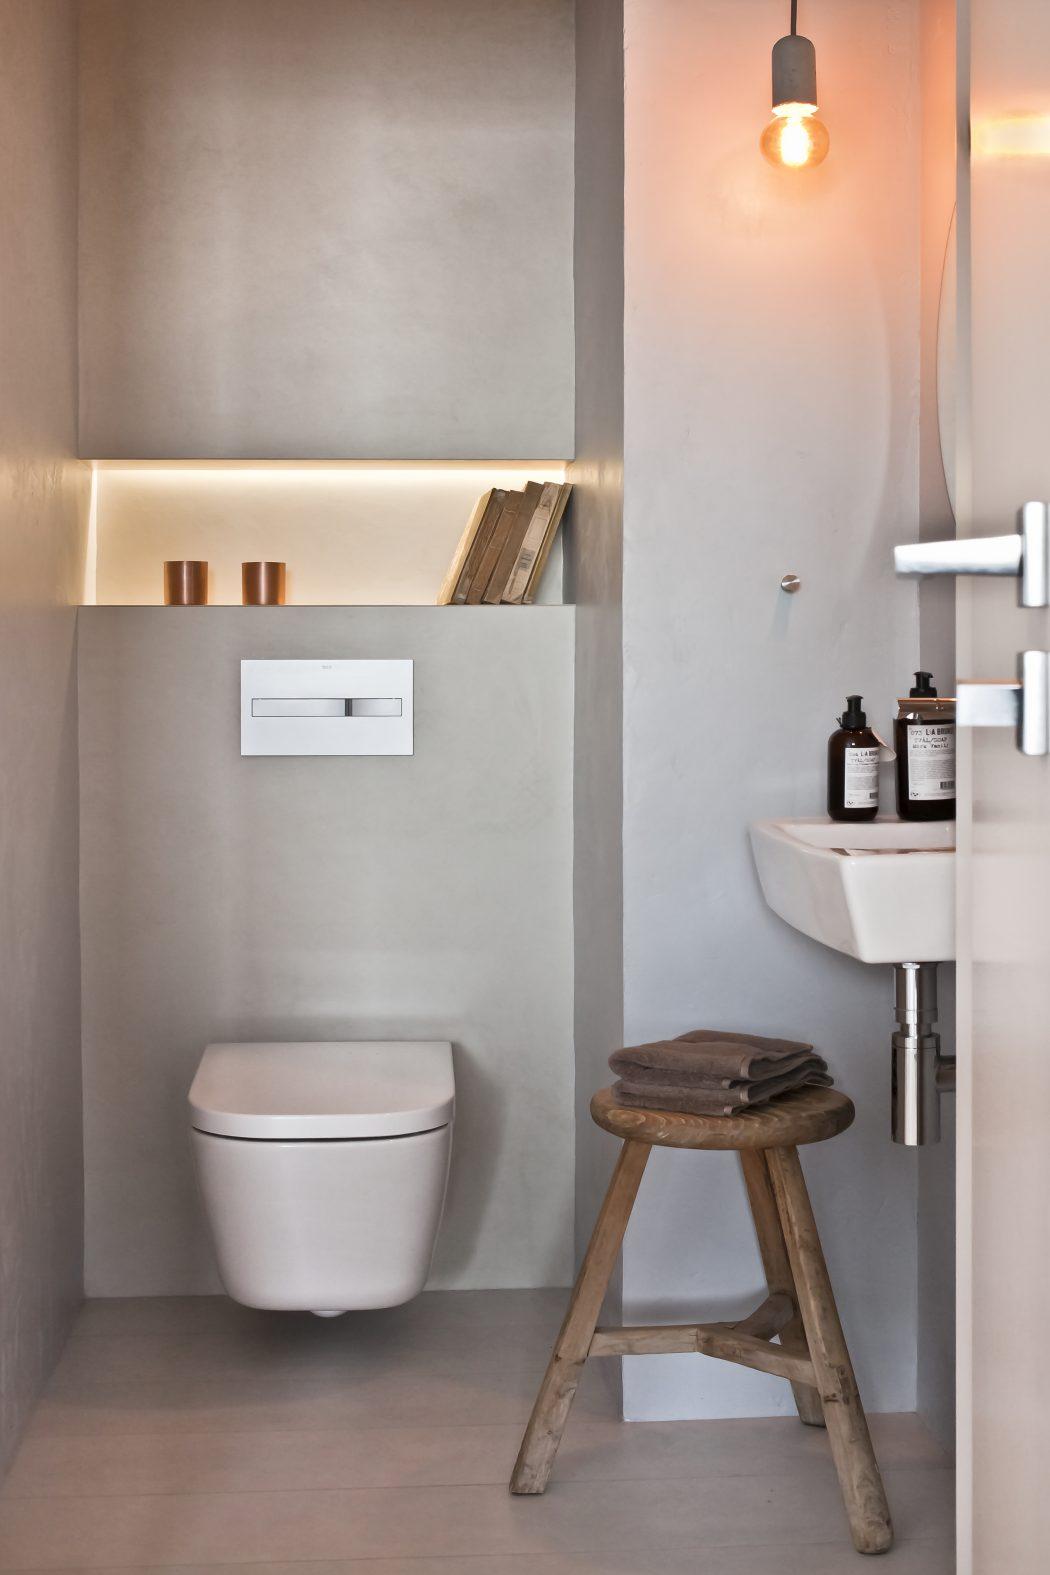 Un appartamento luminoso in perfetto stile scandinavo. - Casa di stile